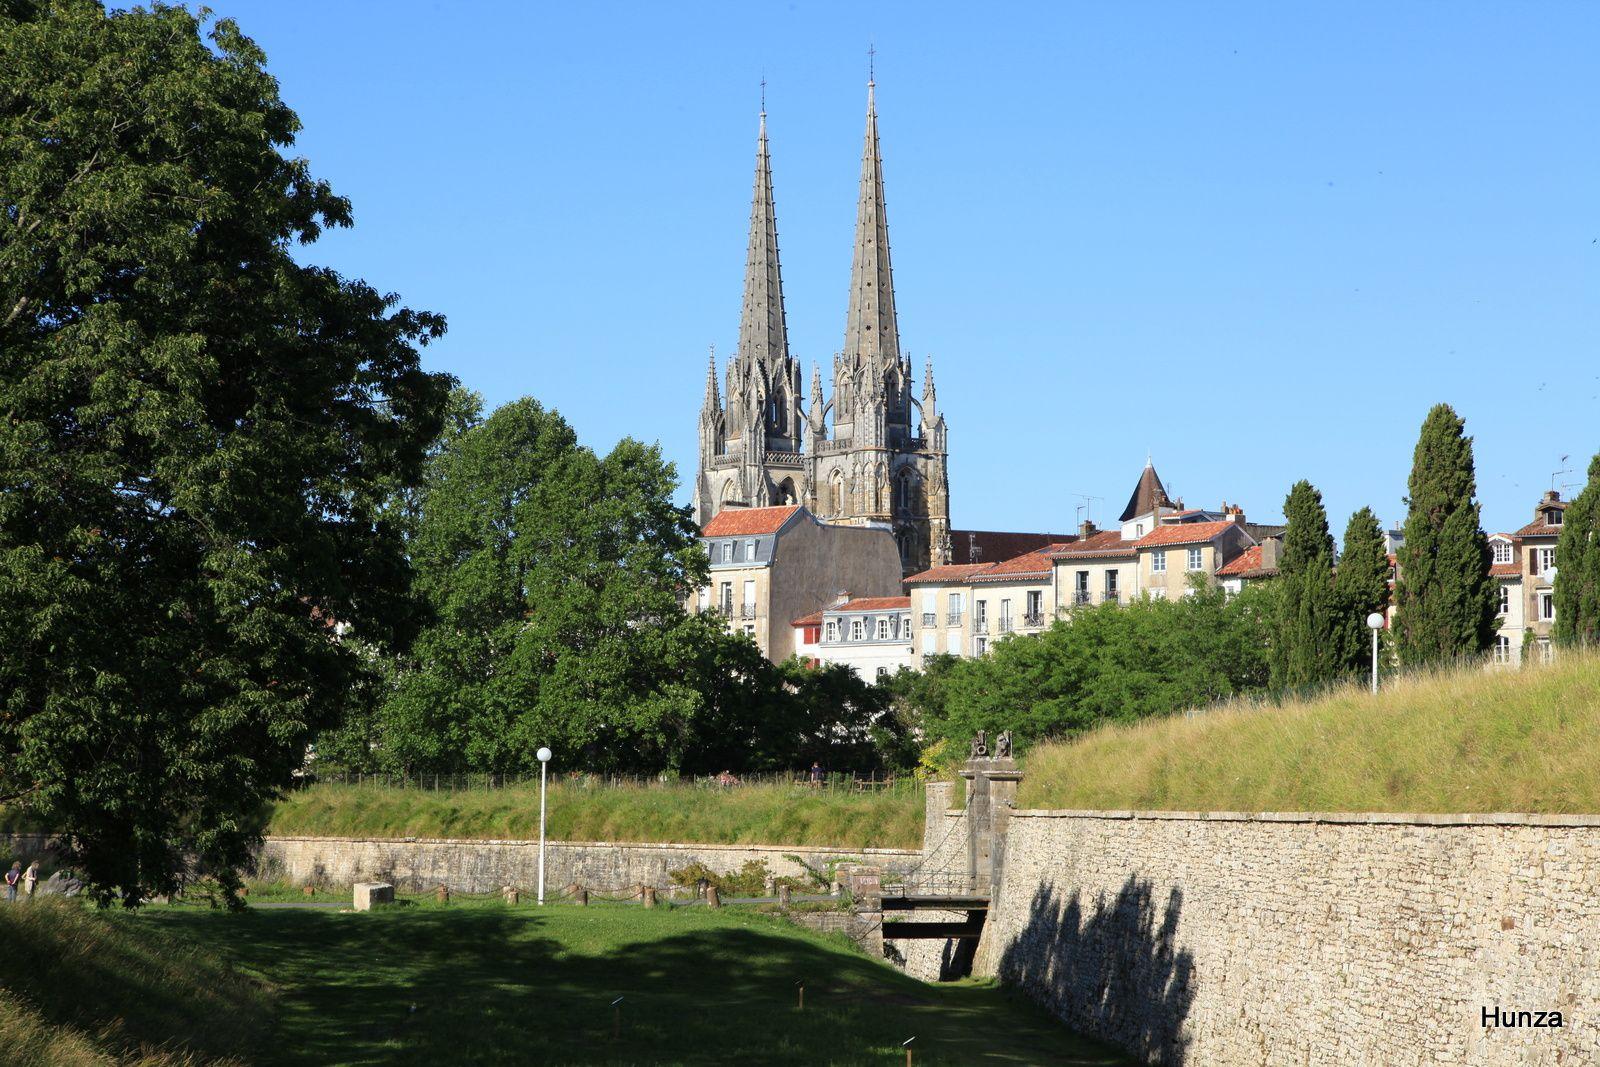 La ville haute et les flèches de la cathédrale Sainte-Marie vue depuis les glacis de la corne Saint-Léon des fortifications Vauban